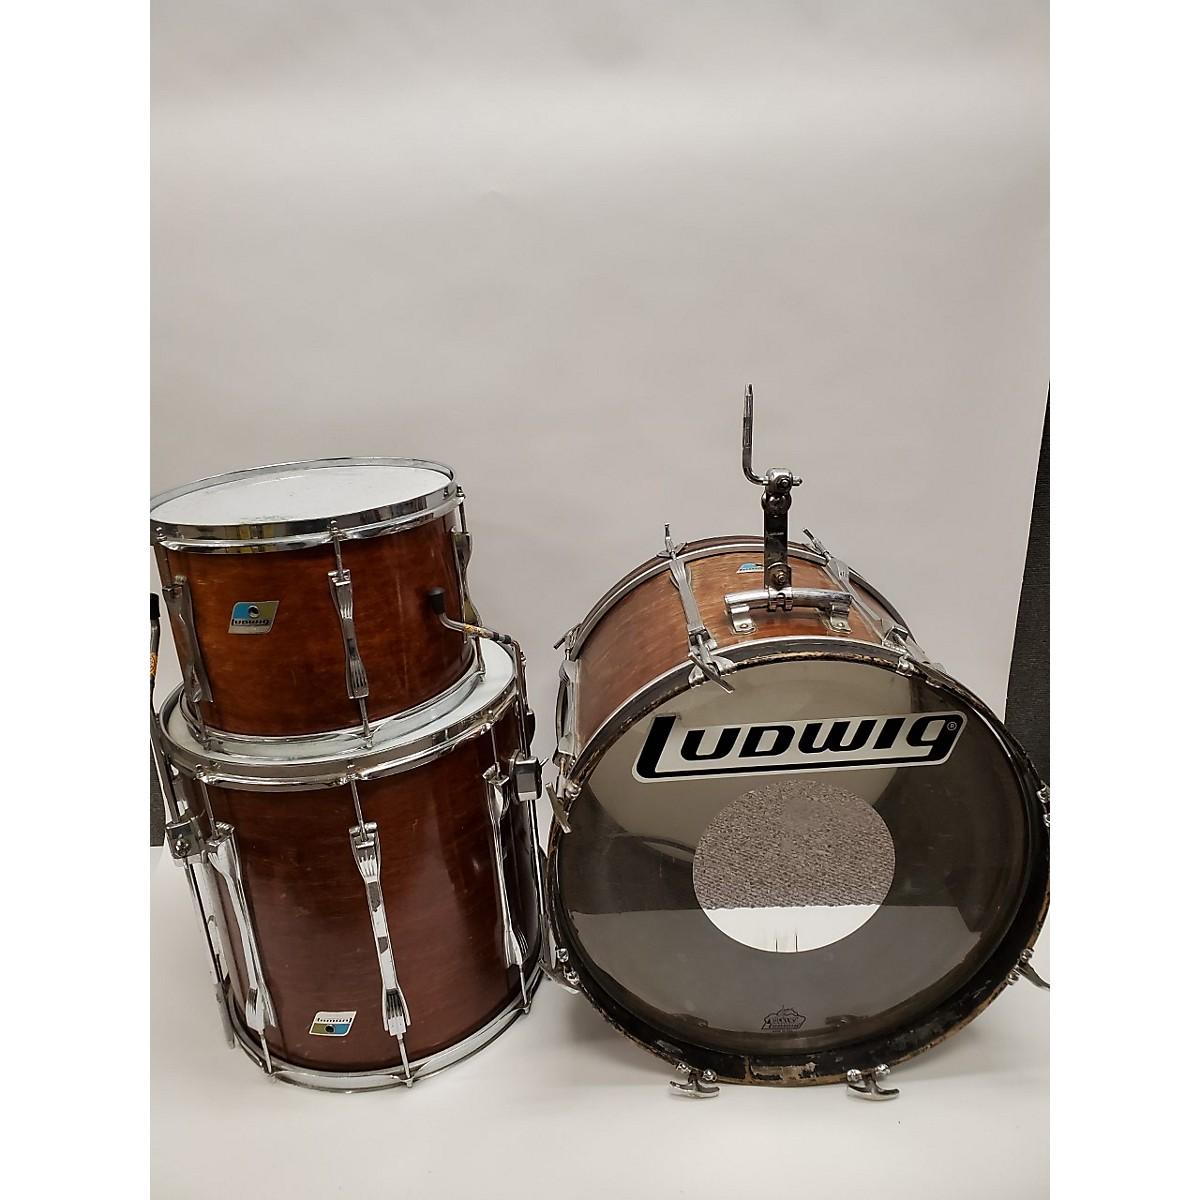 Ludwig 1970s Mach 5 Drum Kit